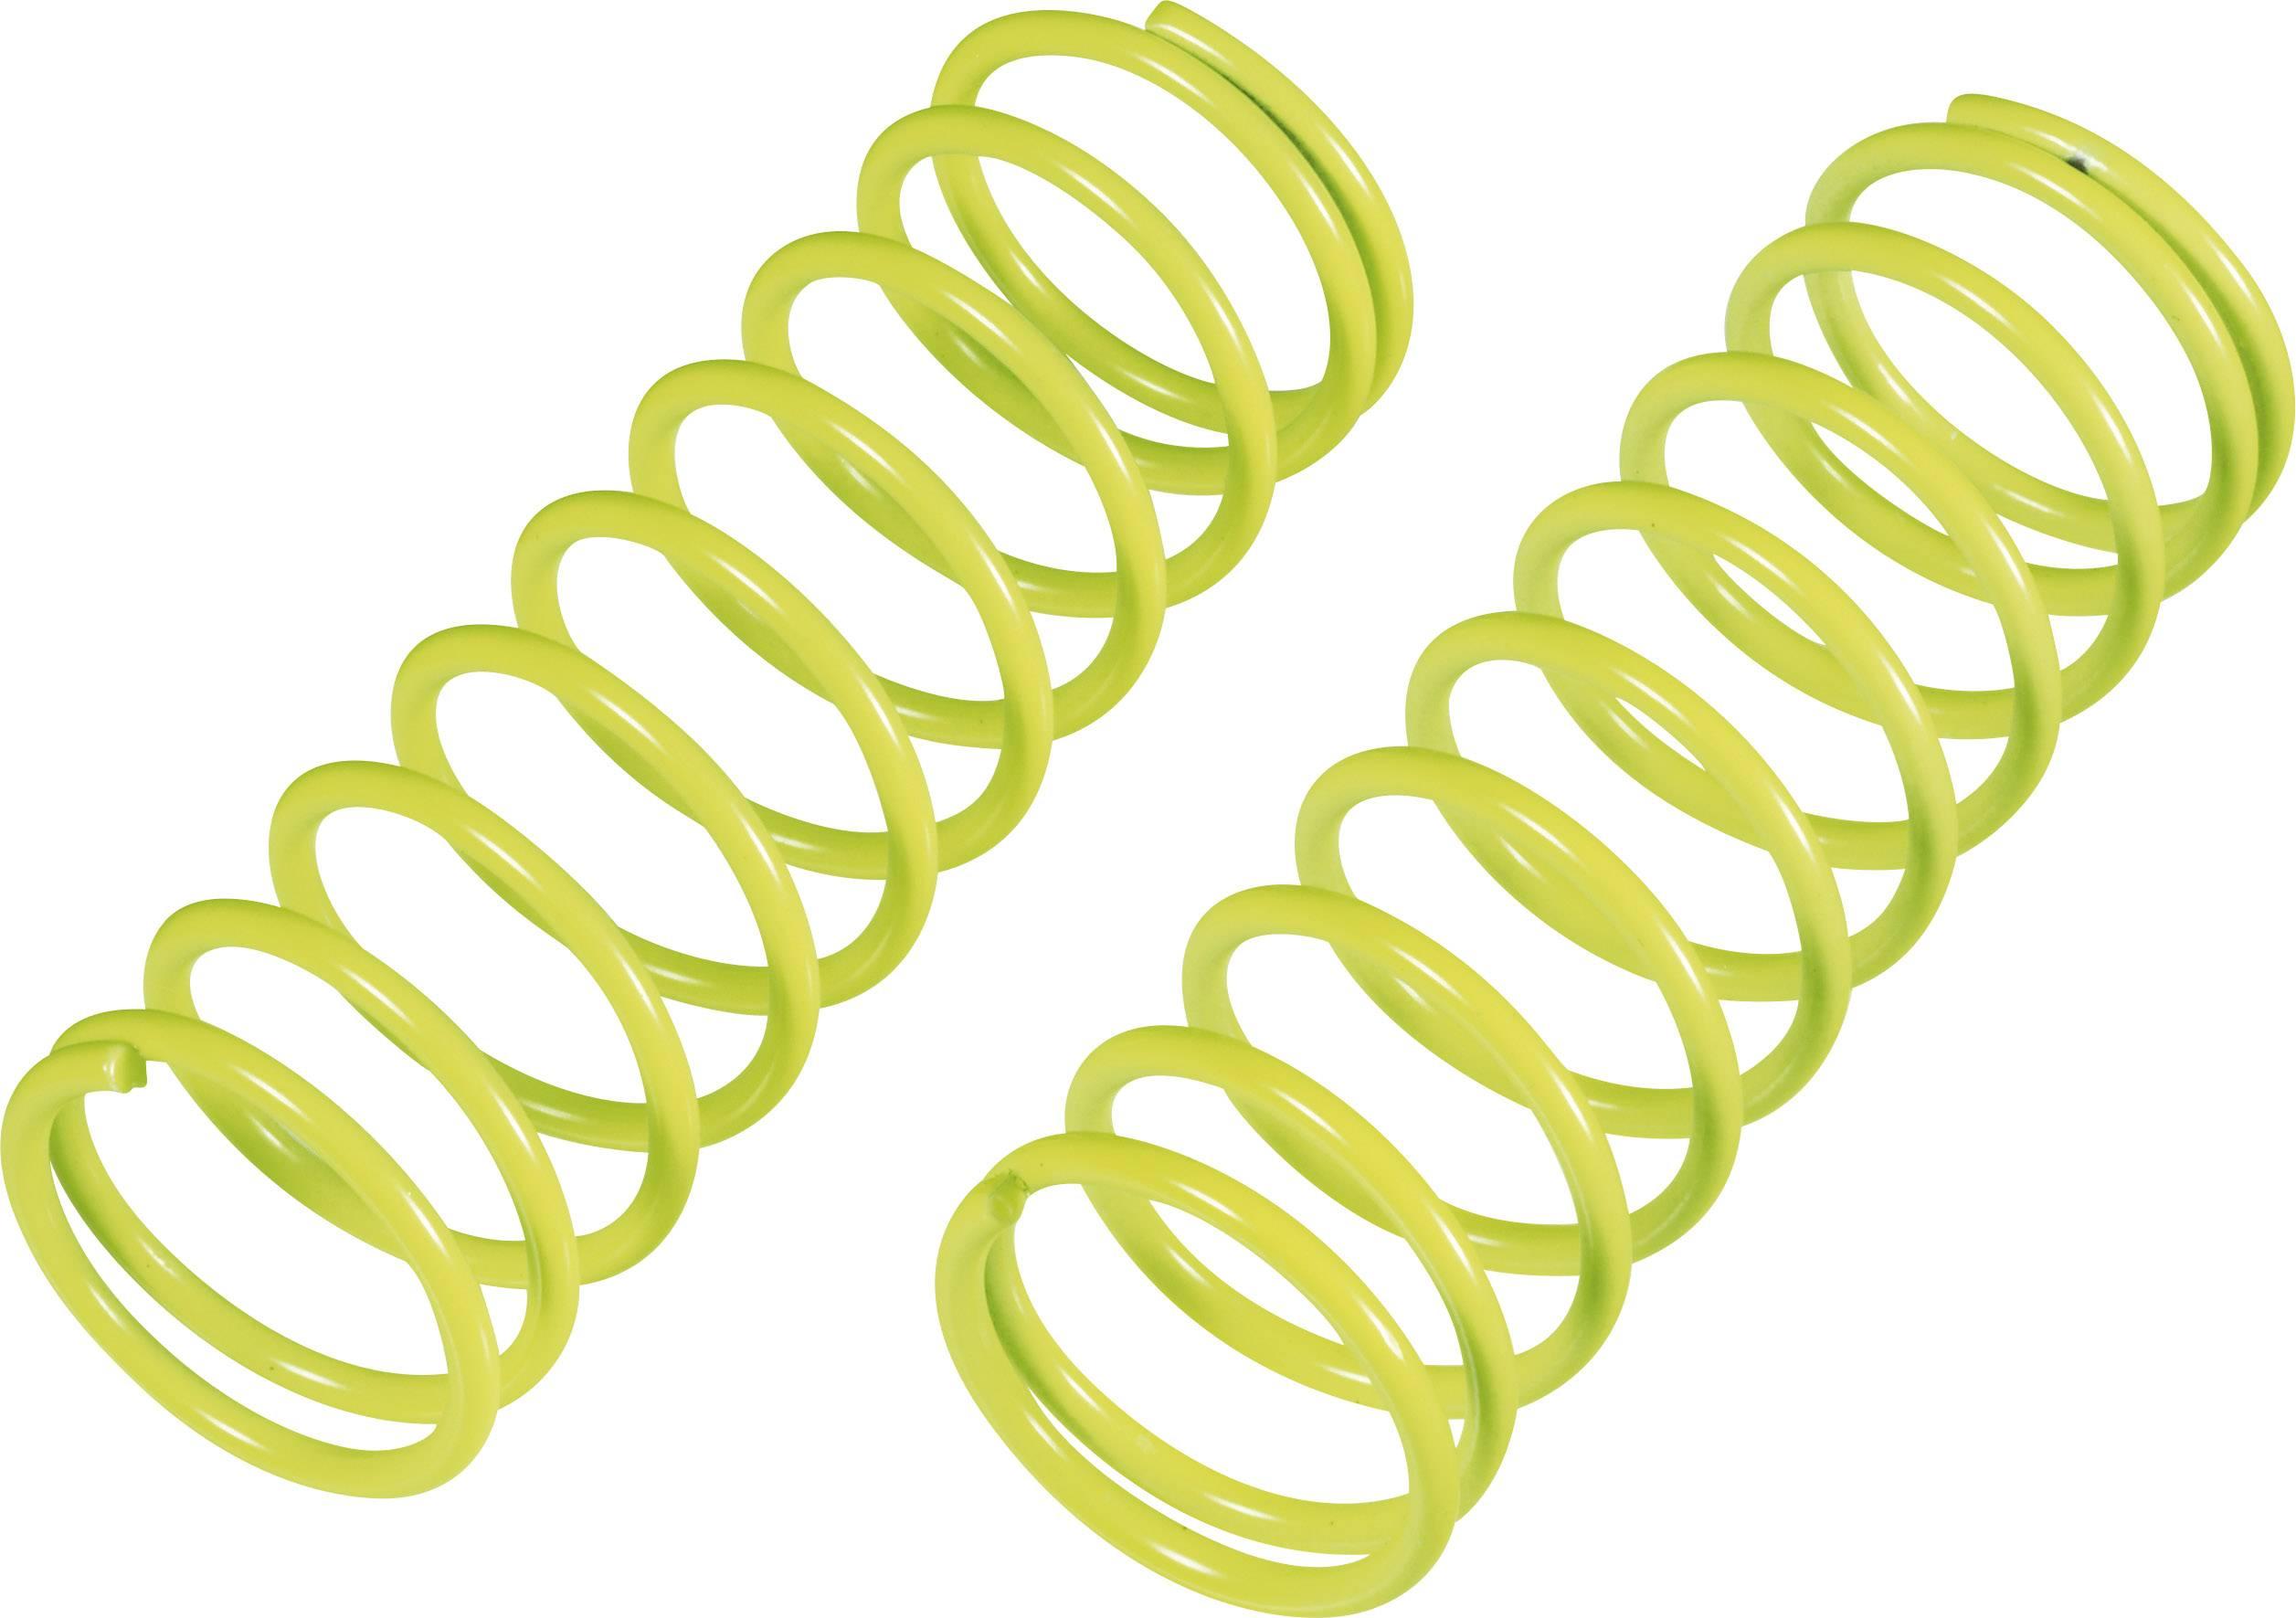 Pružina tlumiče Reely Medium, 58 x 1,6 mm, neonově žlutá, 1:8, 2 ks (MV1383Y)